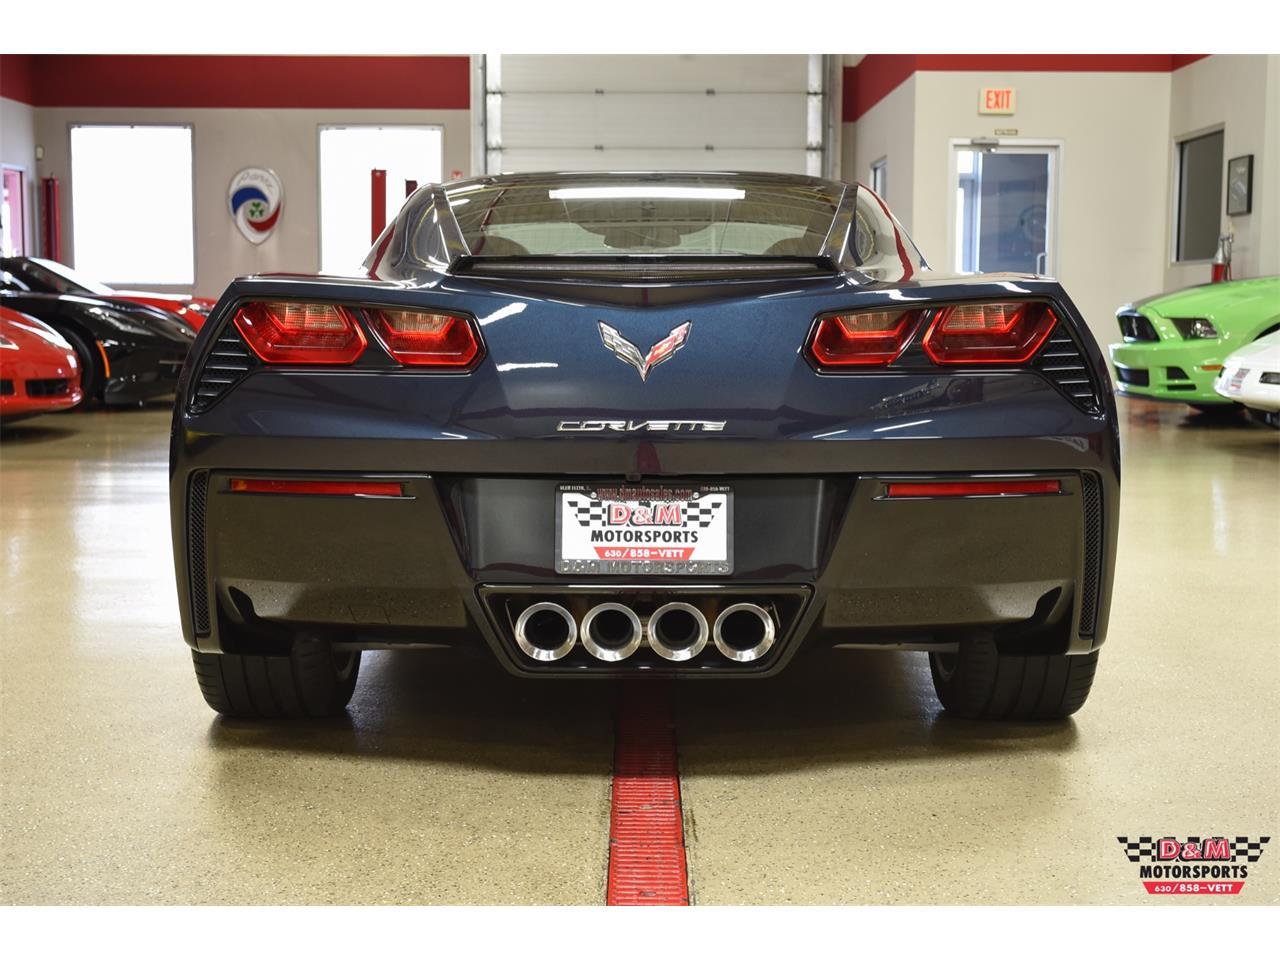 Large Picture of 2015 Corvette located in Illinois - $45,995.00 - QGAK